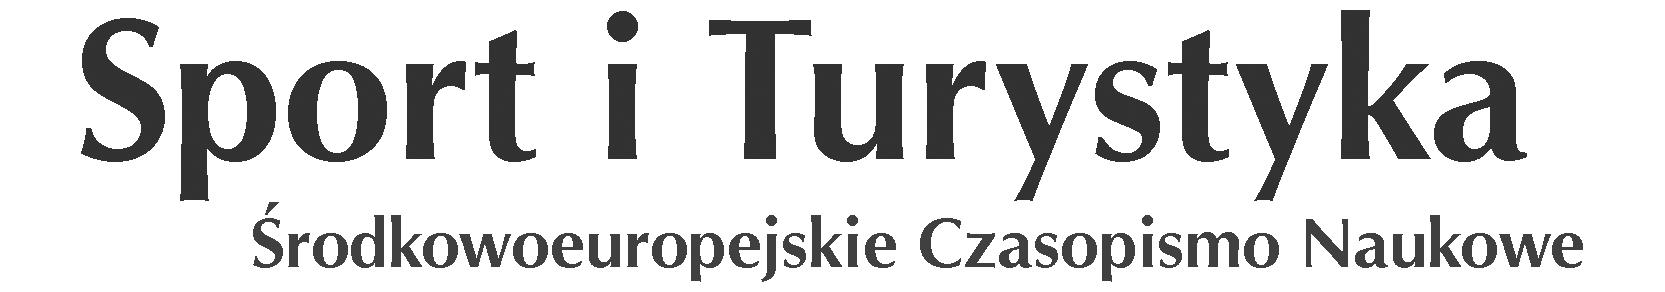 Sport i Turystyka Środkowoeuropejskie Czasopismo Naukowe